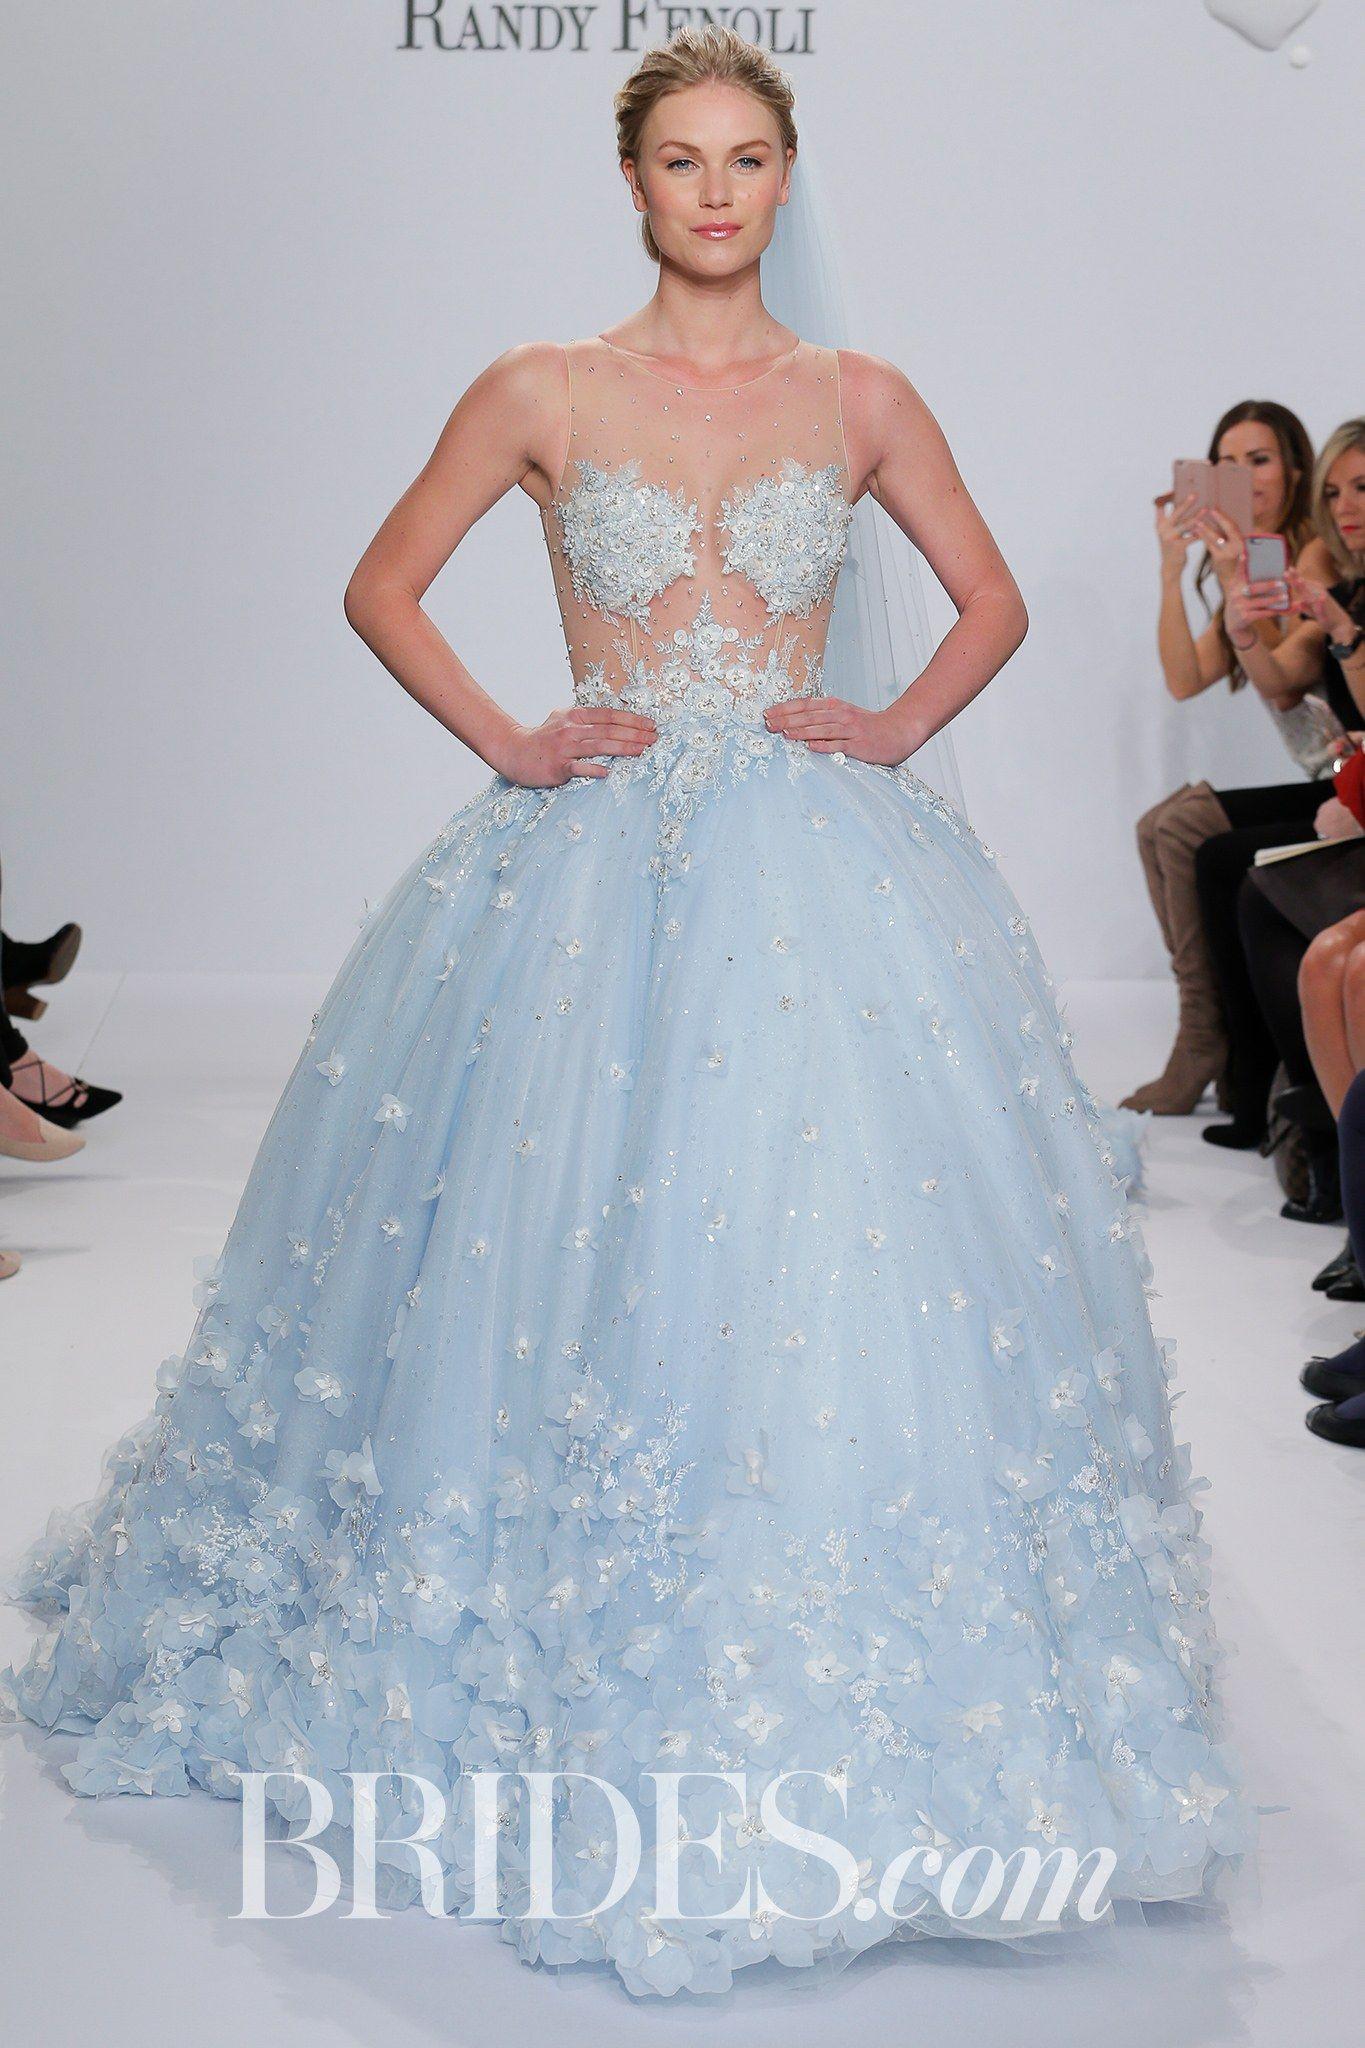 Randy Fenoli for Kleinfeld Bridal & Wedding Dress